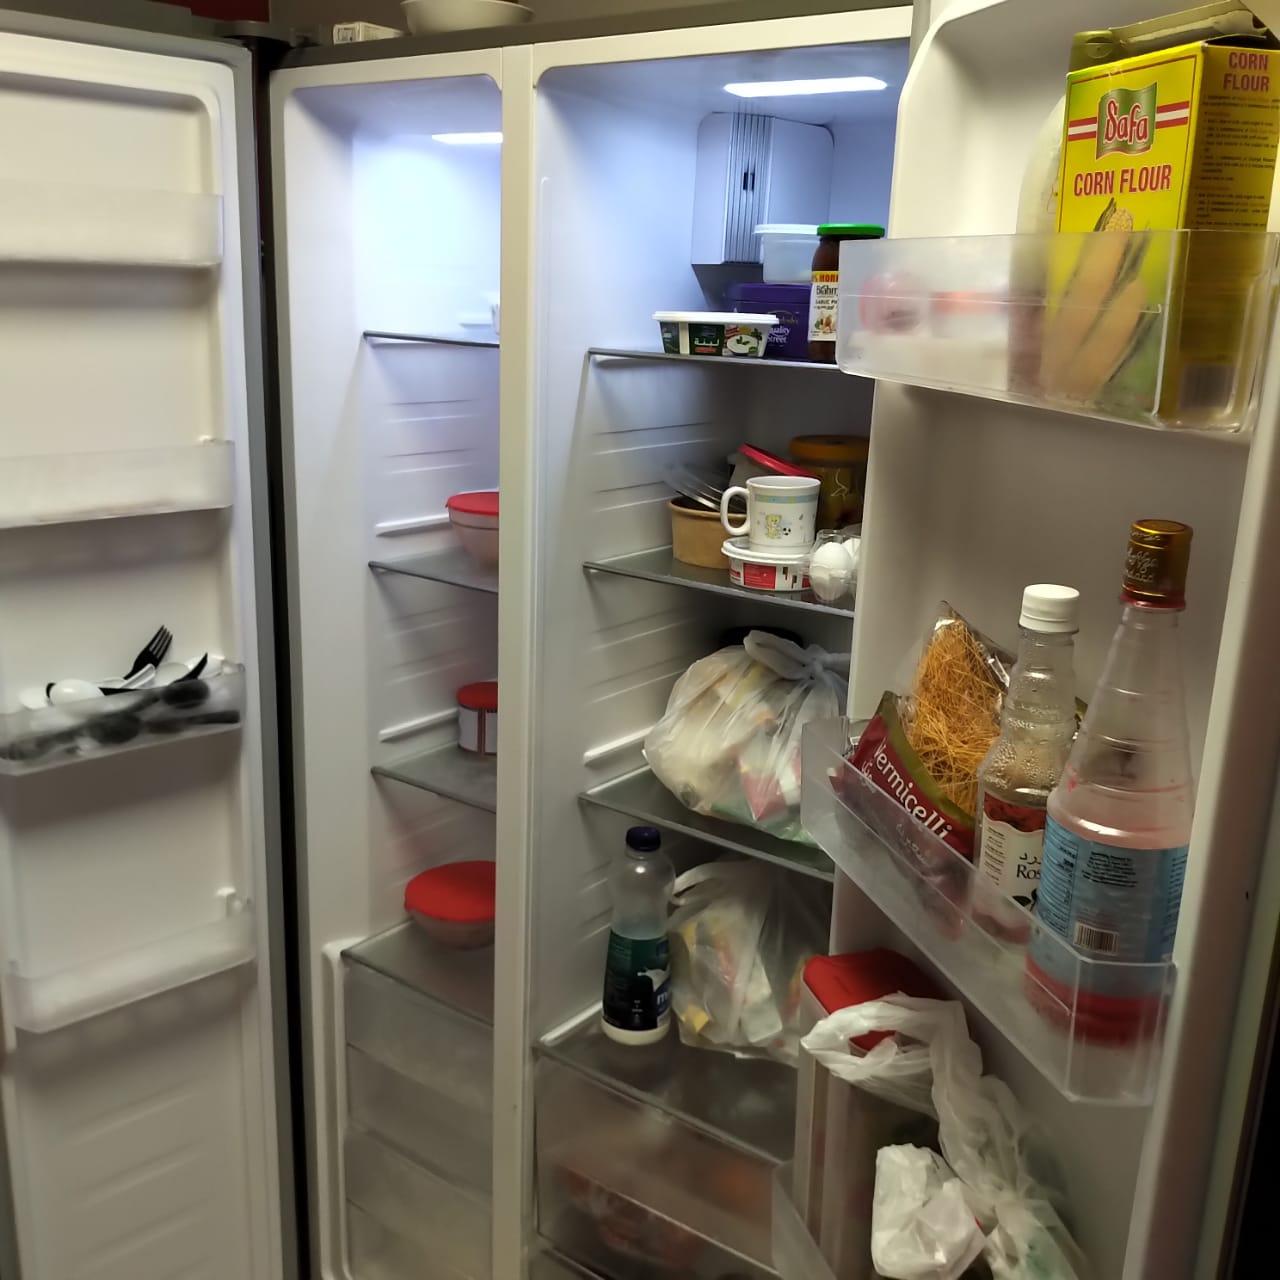 Refrigerator  - Super General - Image 7.jpeg